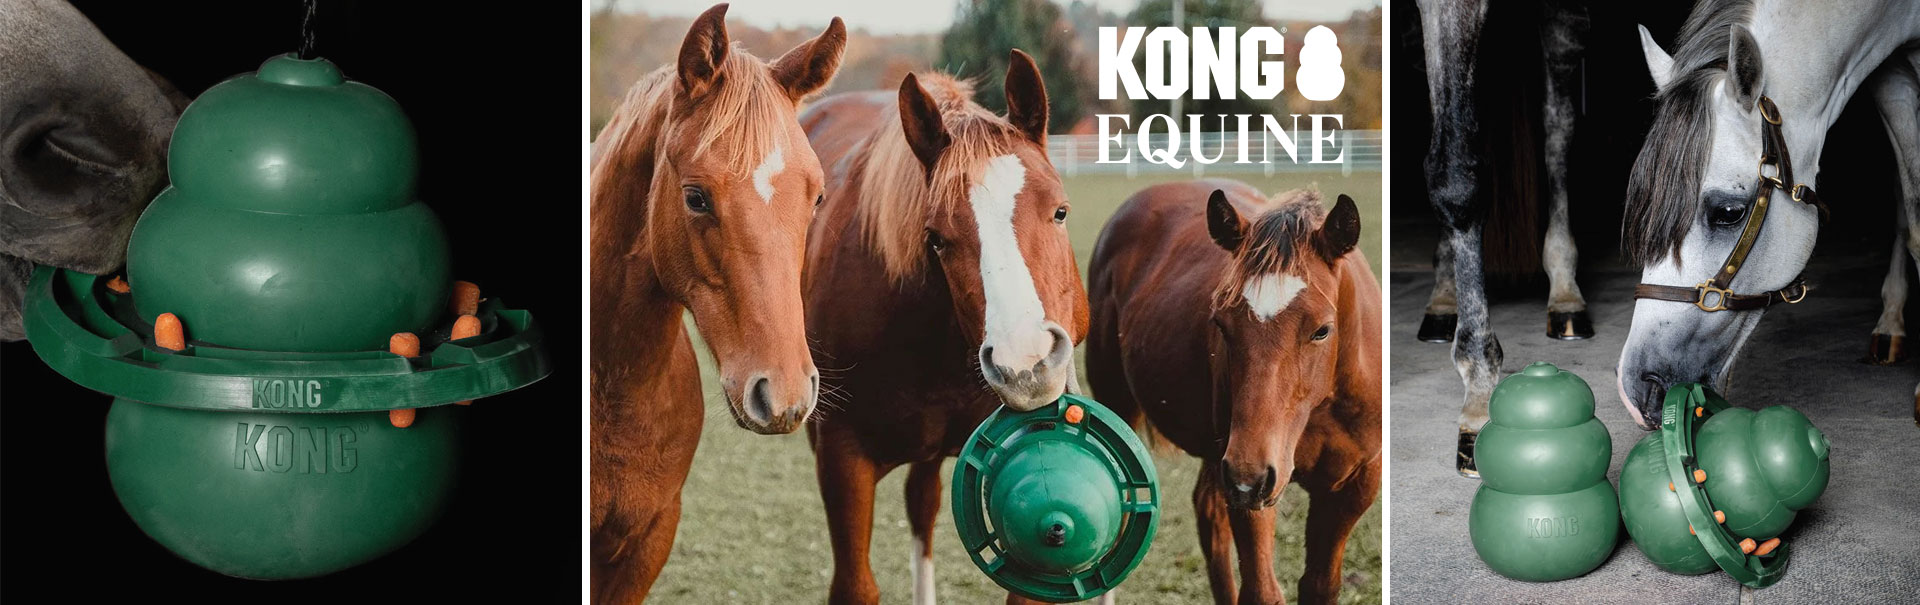 Kong Equine